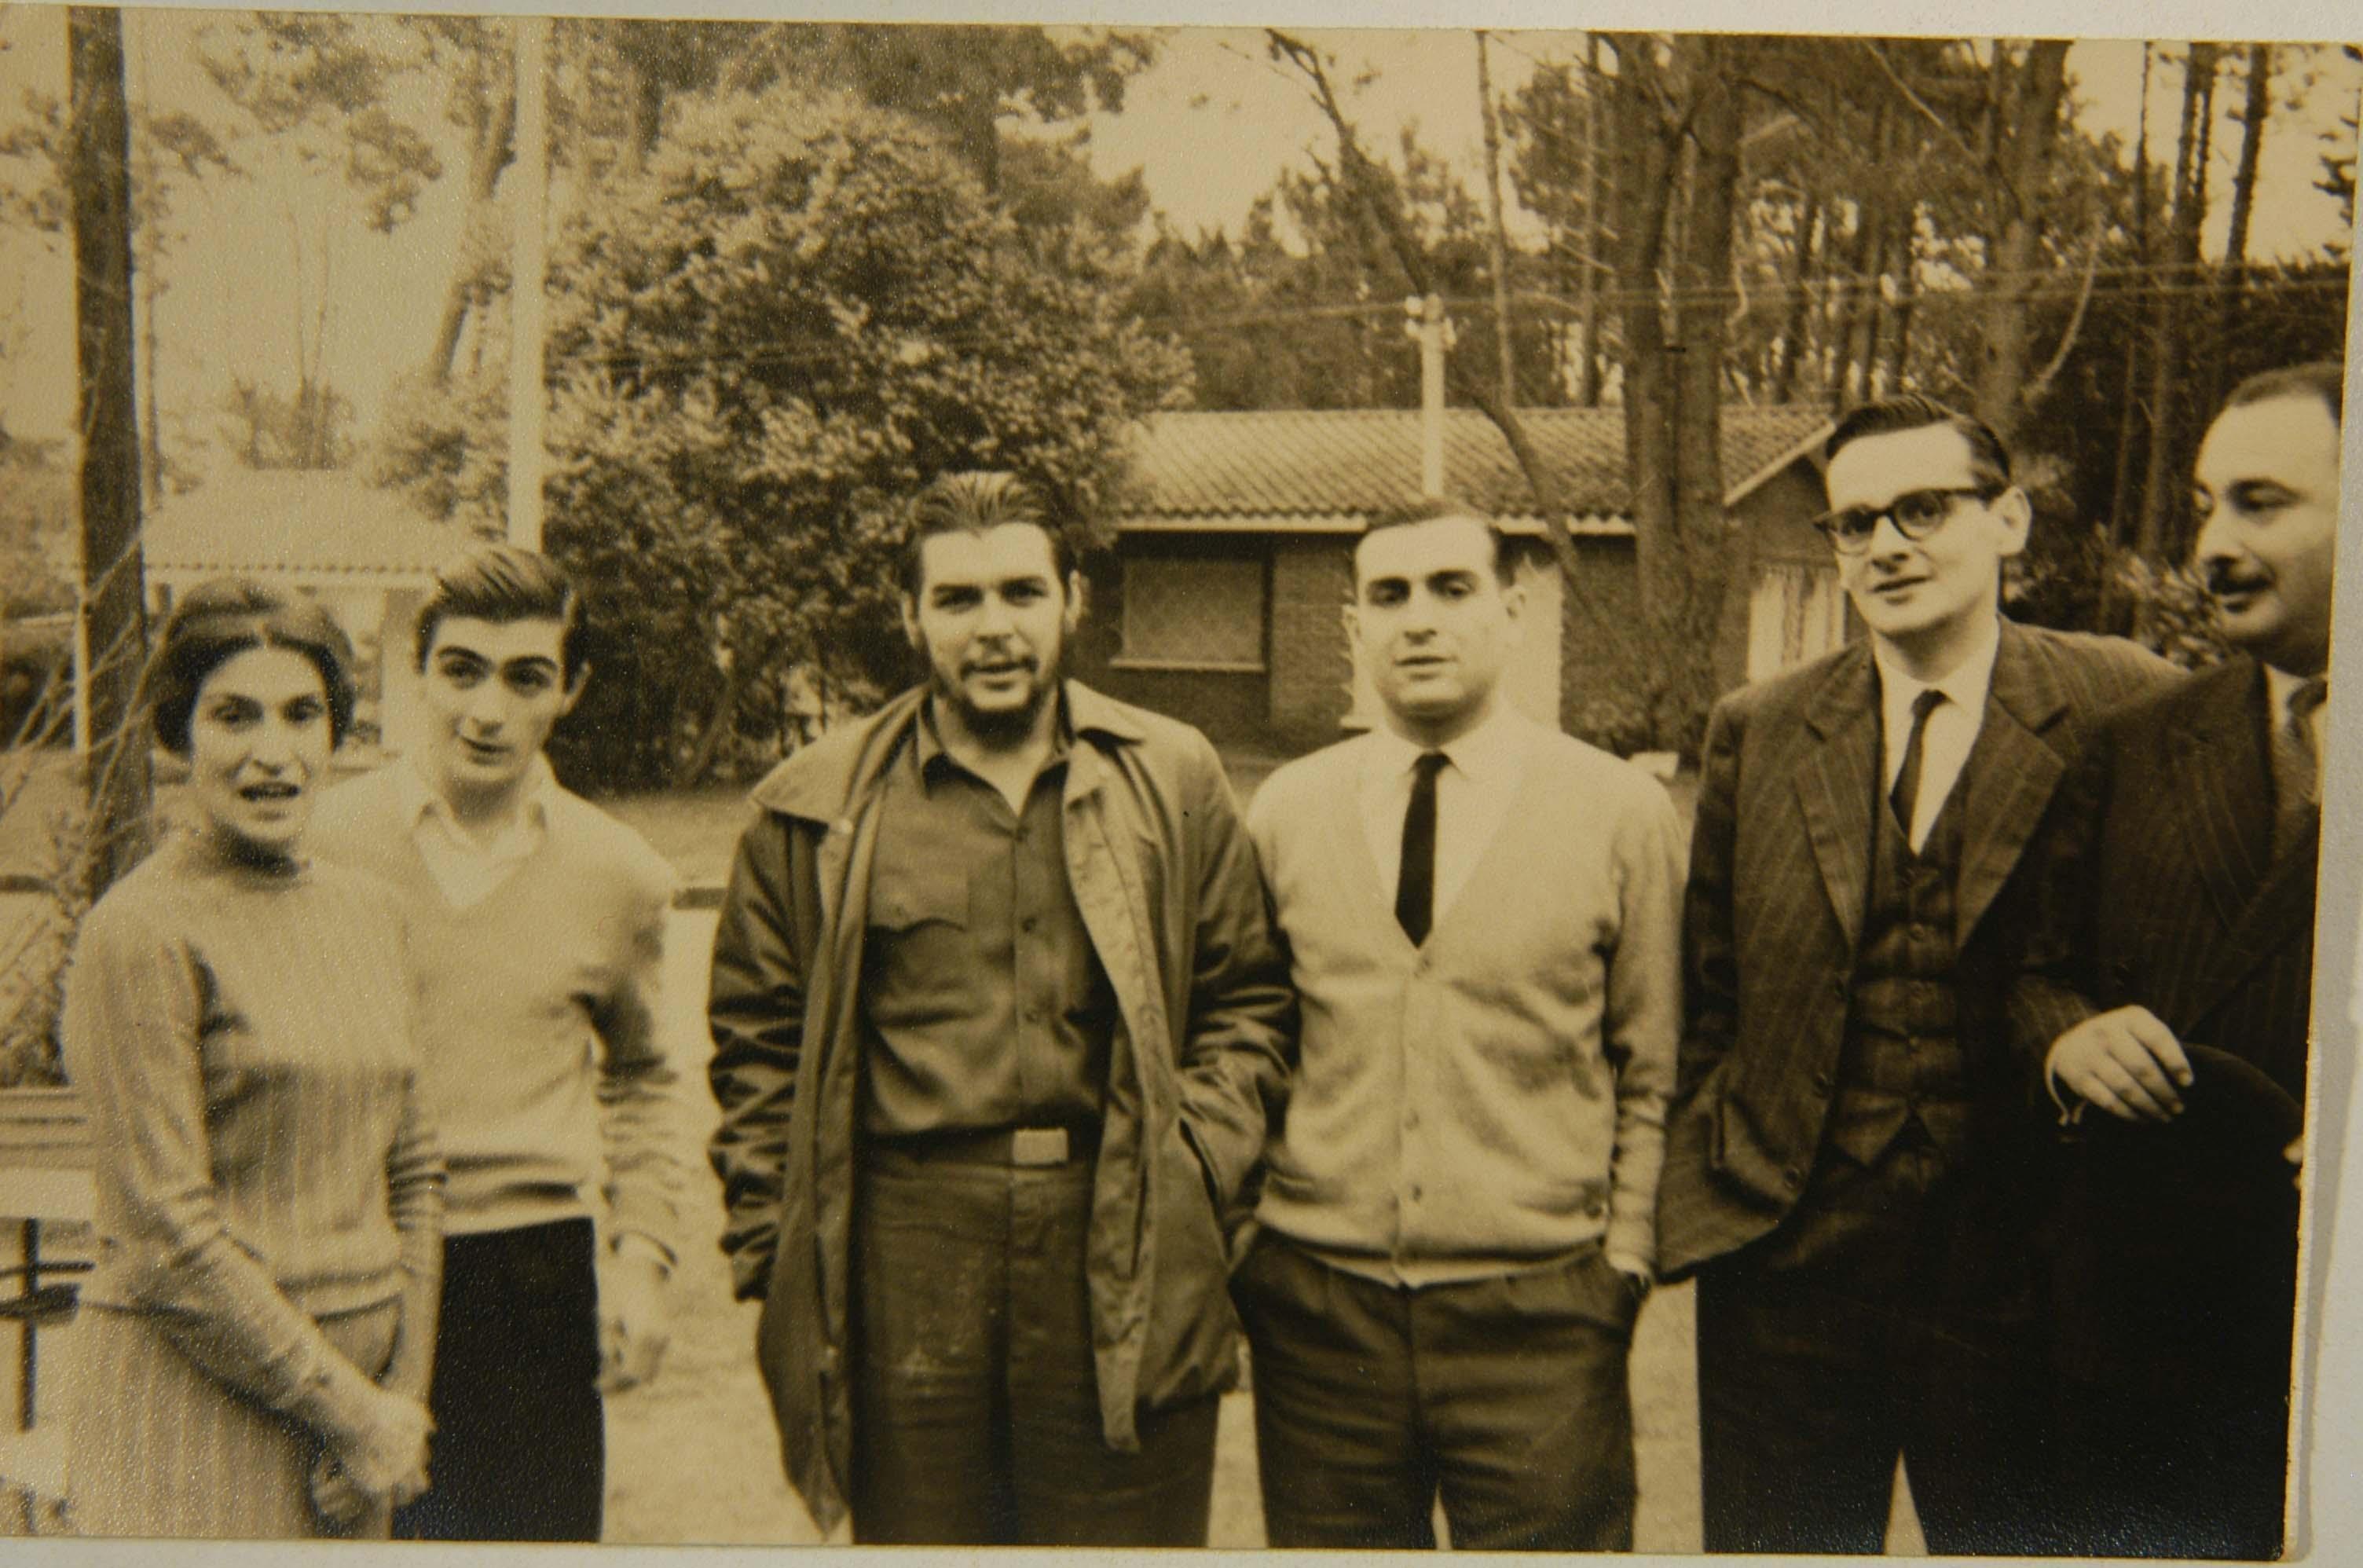 De izquierda a derecha: Celia Guevara, la madre del Che. Juan Martín Guevara (hermano). Ernesto Guevara. Roberto Guevara (hermano). Julio César Castro, periodista y Carlos Figueroa amigo de la familia, en Punta del Este, Uruguay.